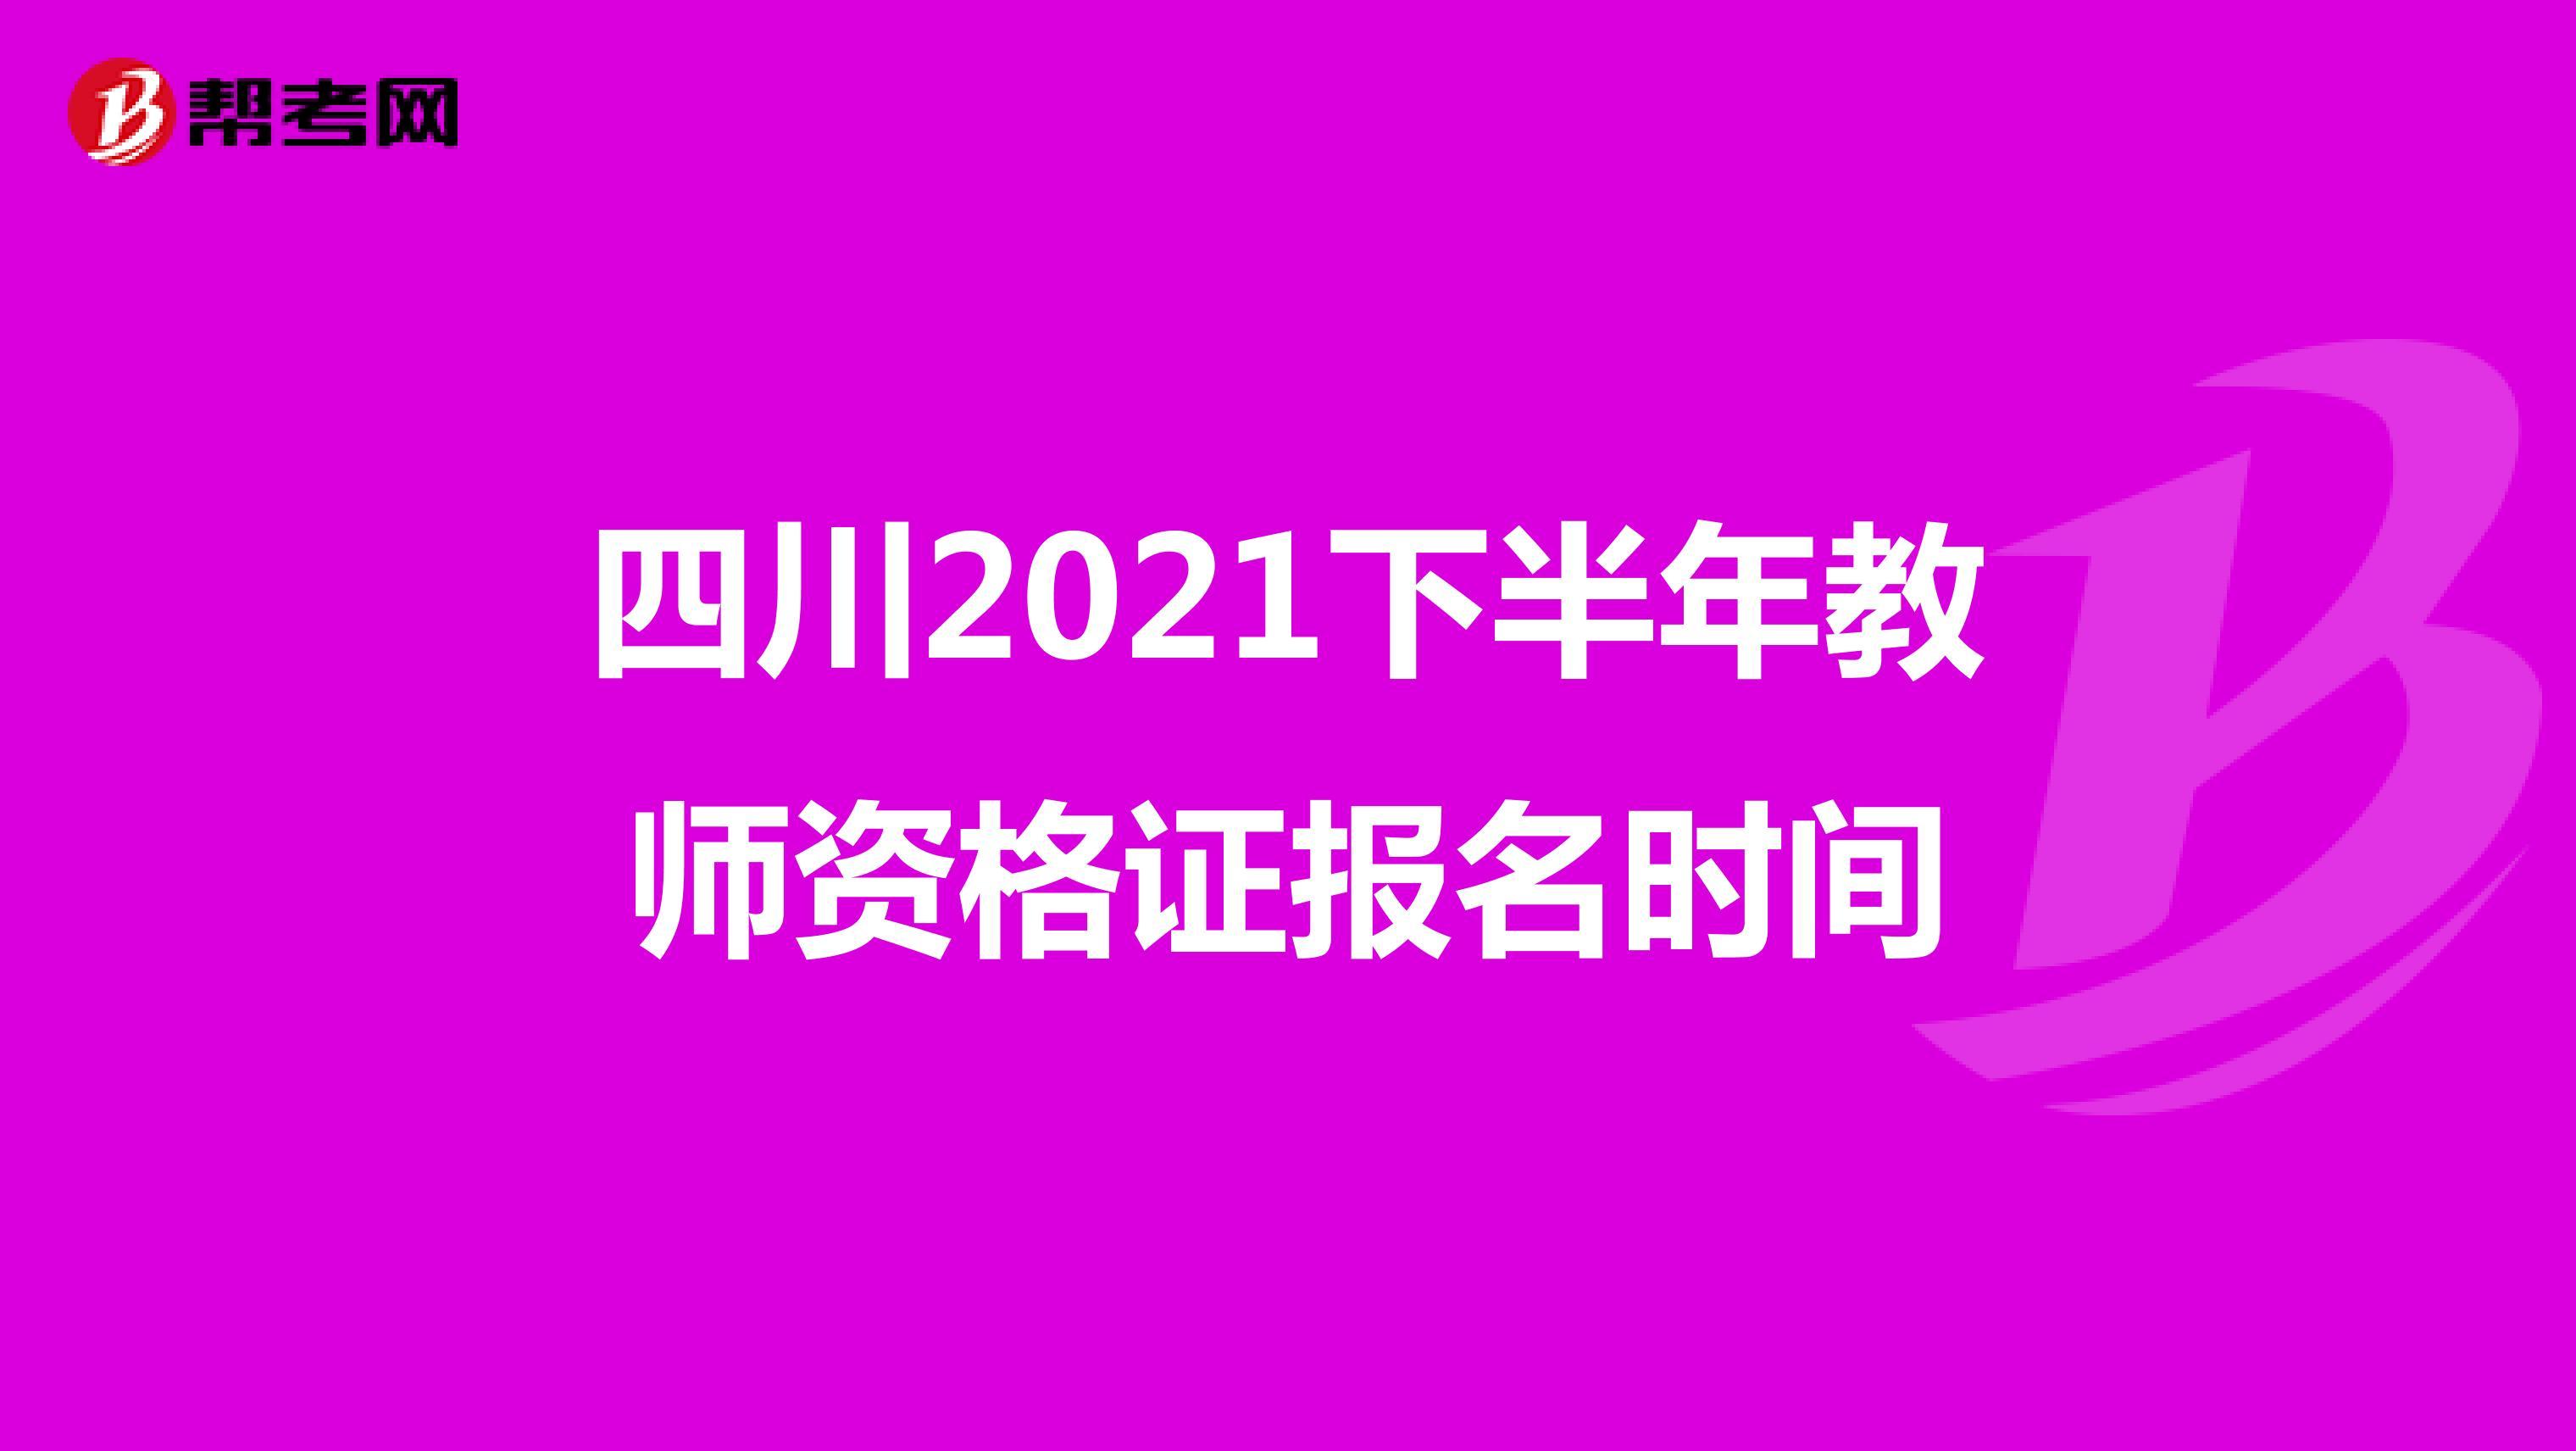 四川2021下半年教师资格证报名时间